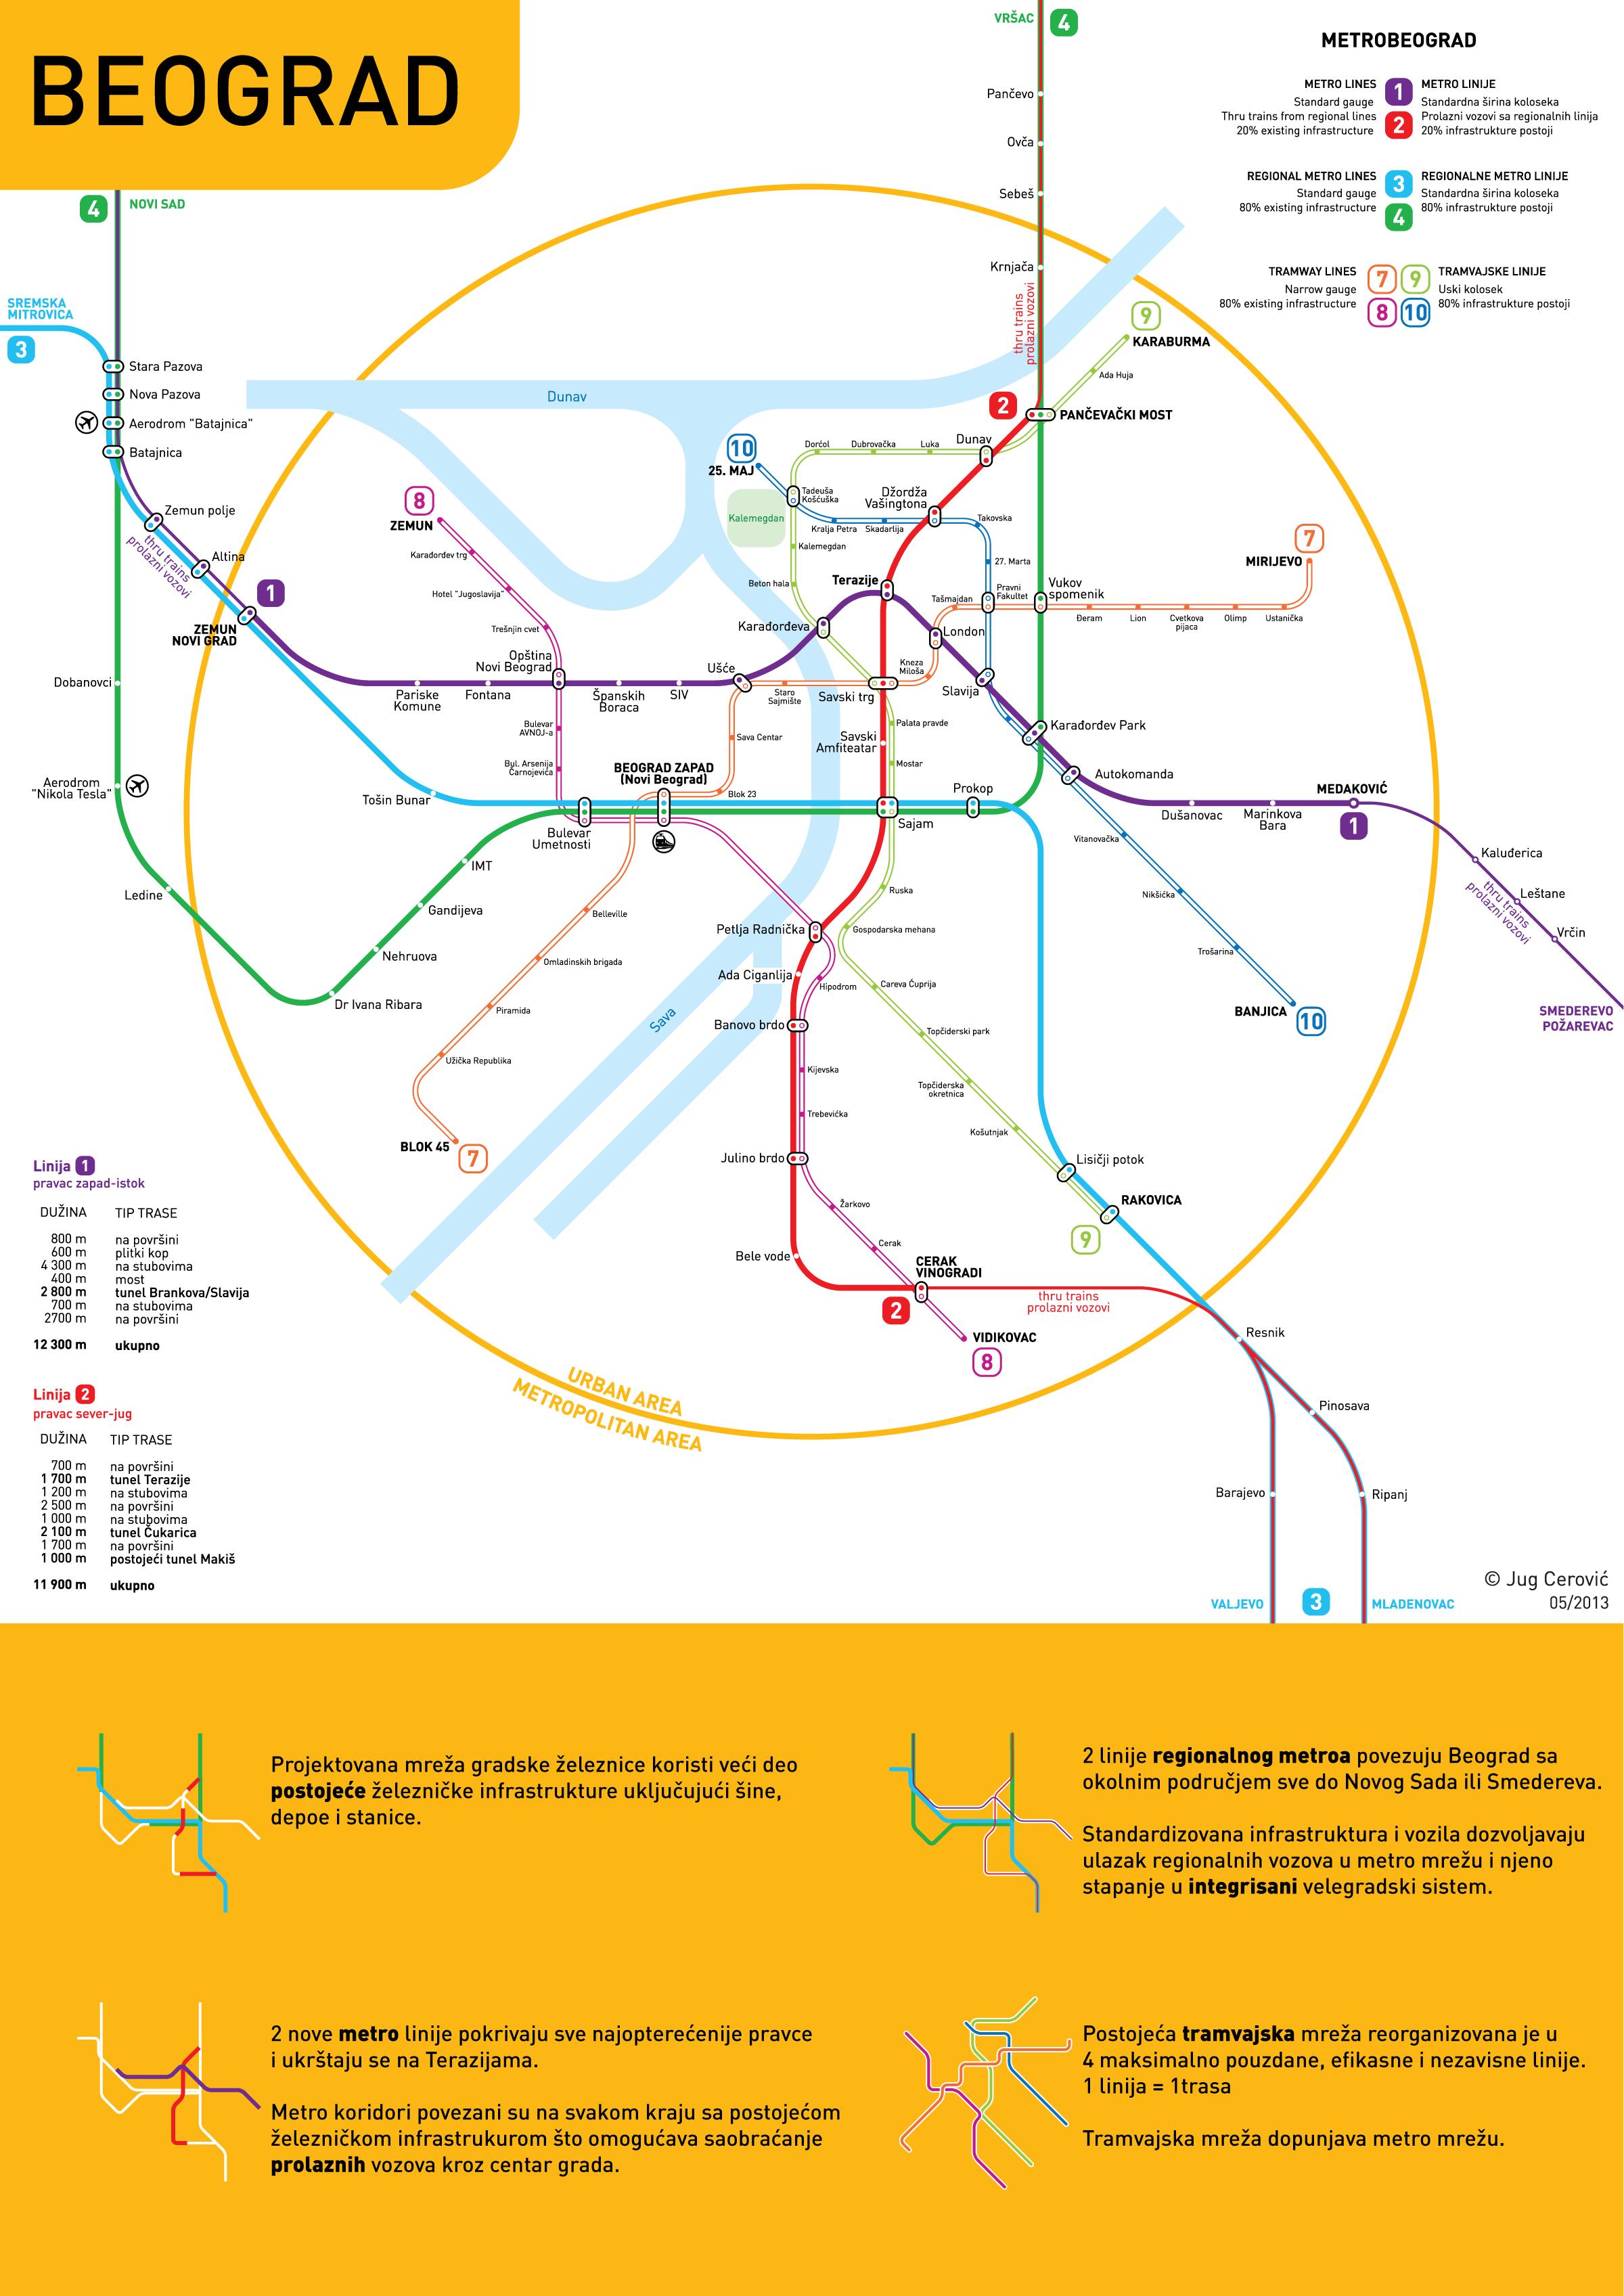 metro beograd mapa Metro Beograd : Imamo Plan metro beograd mapa